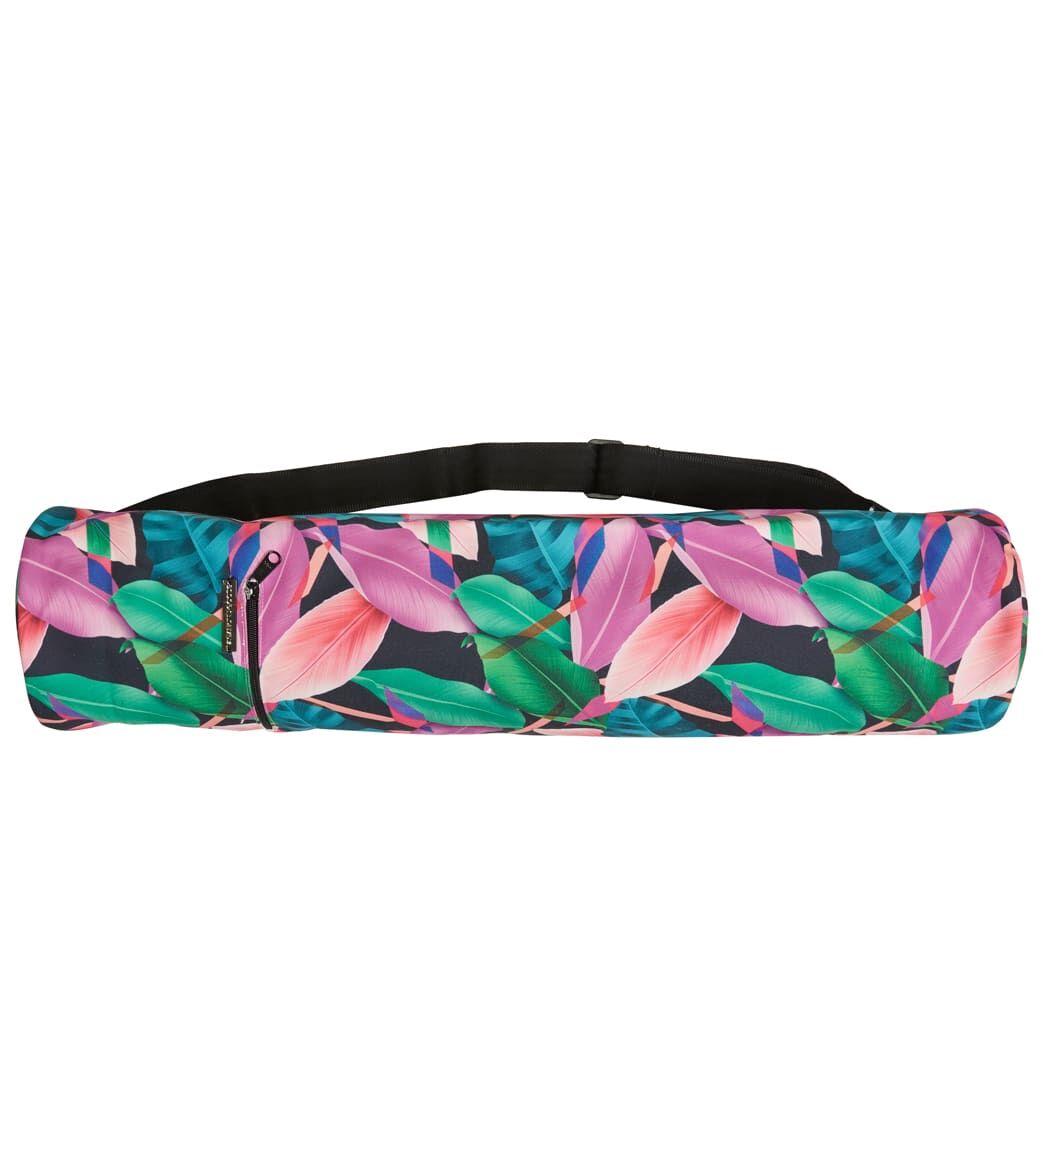 Vagabond Goods Fiji Garden Yoga Mat Bag 26x7 Cotton